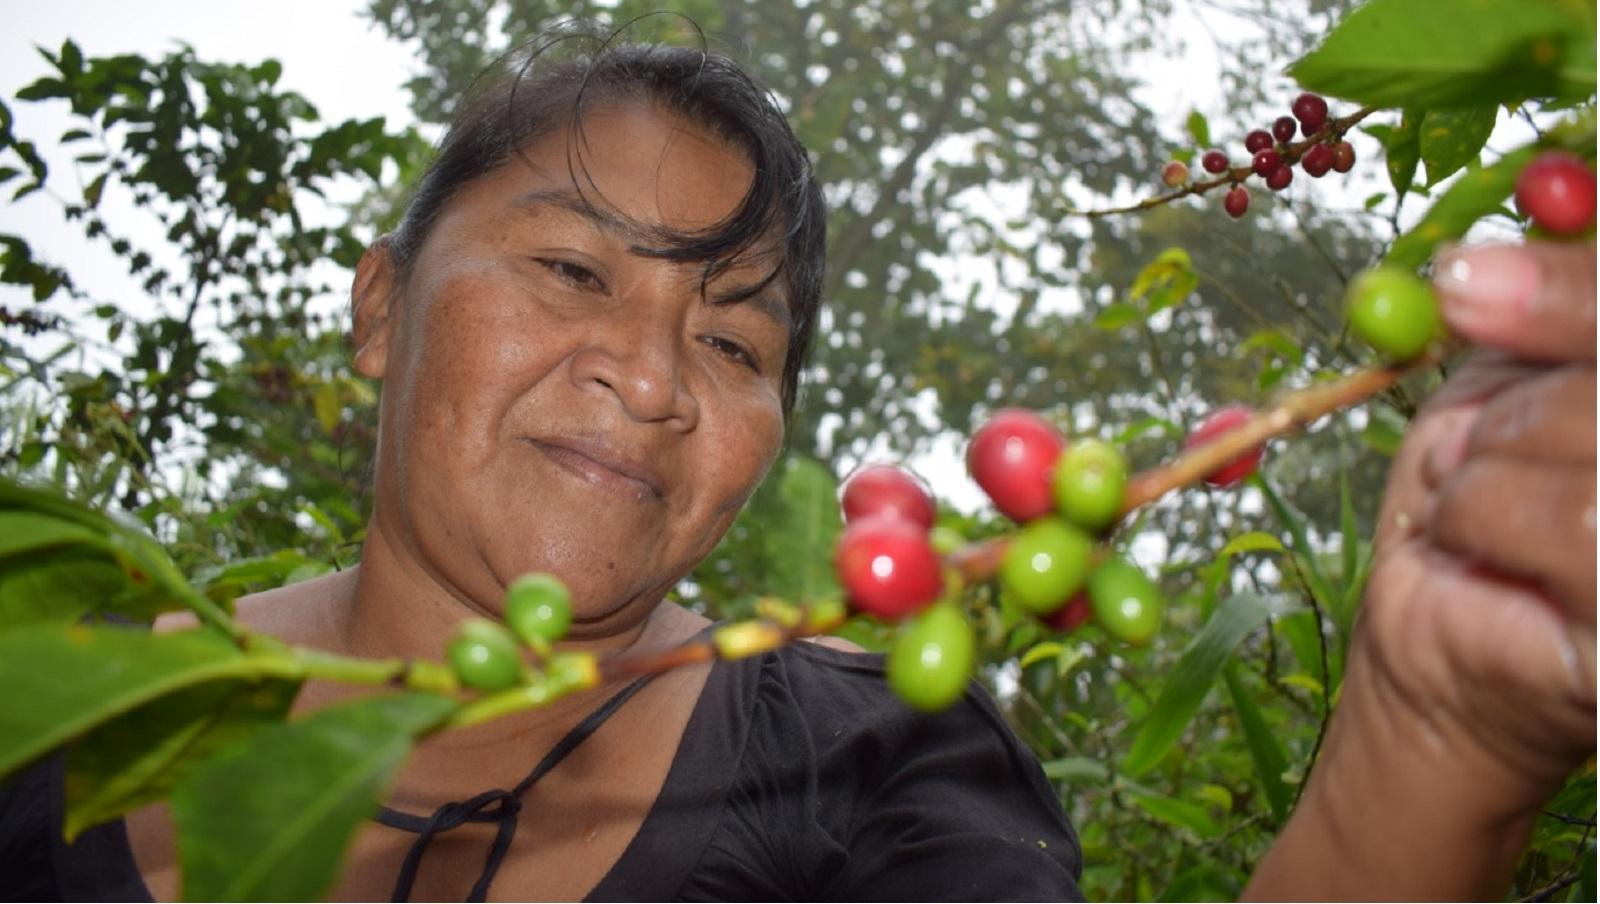 historias//historias-de-mujeres-indigenas-maria-cecilia-valencia-mujer-que-lidero-la-primera-insurreccion-indigena-